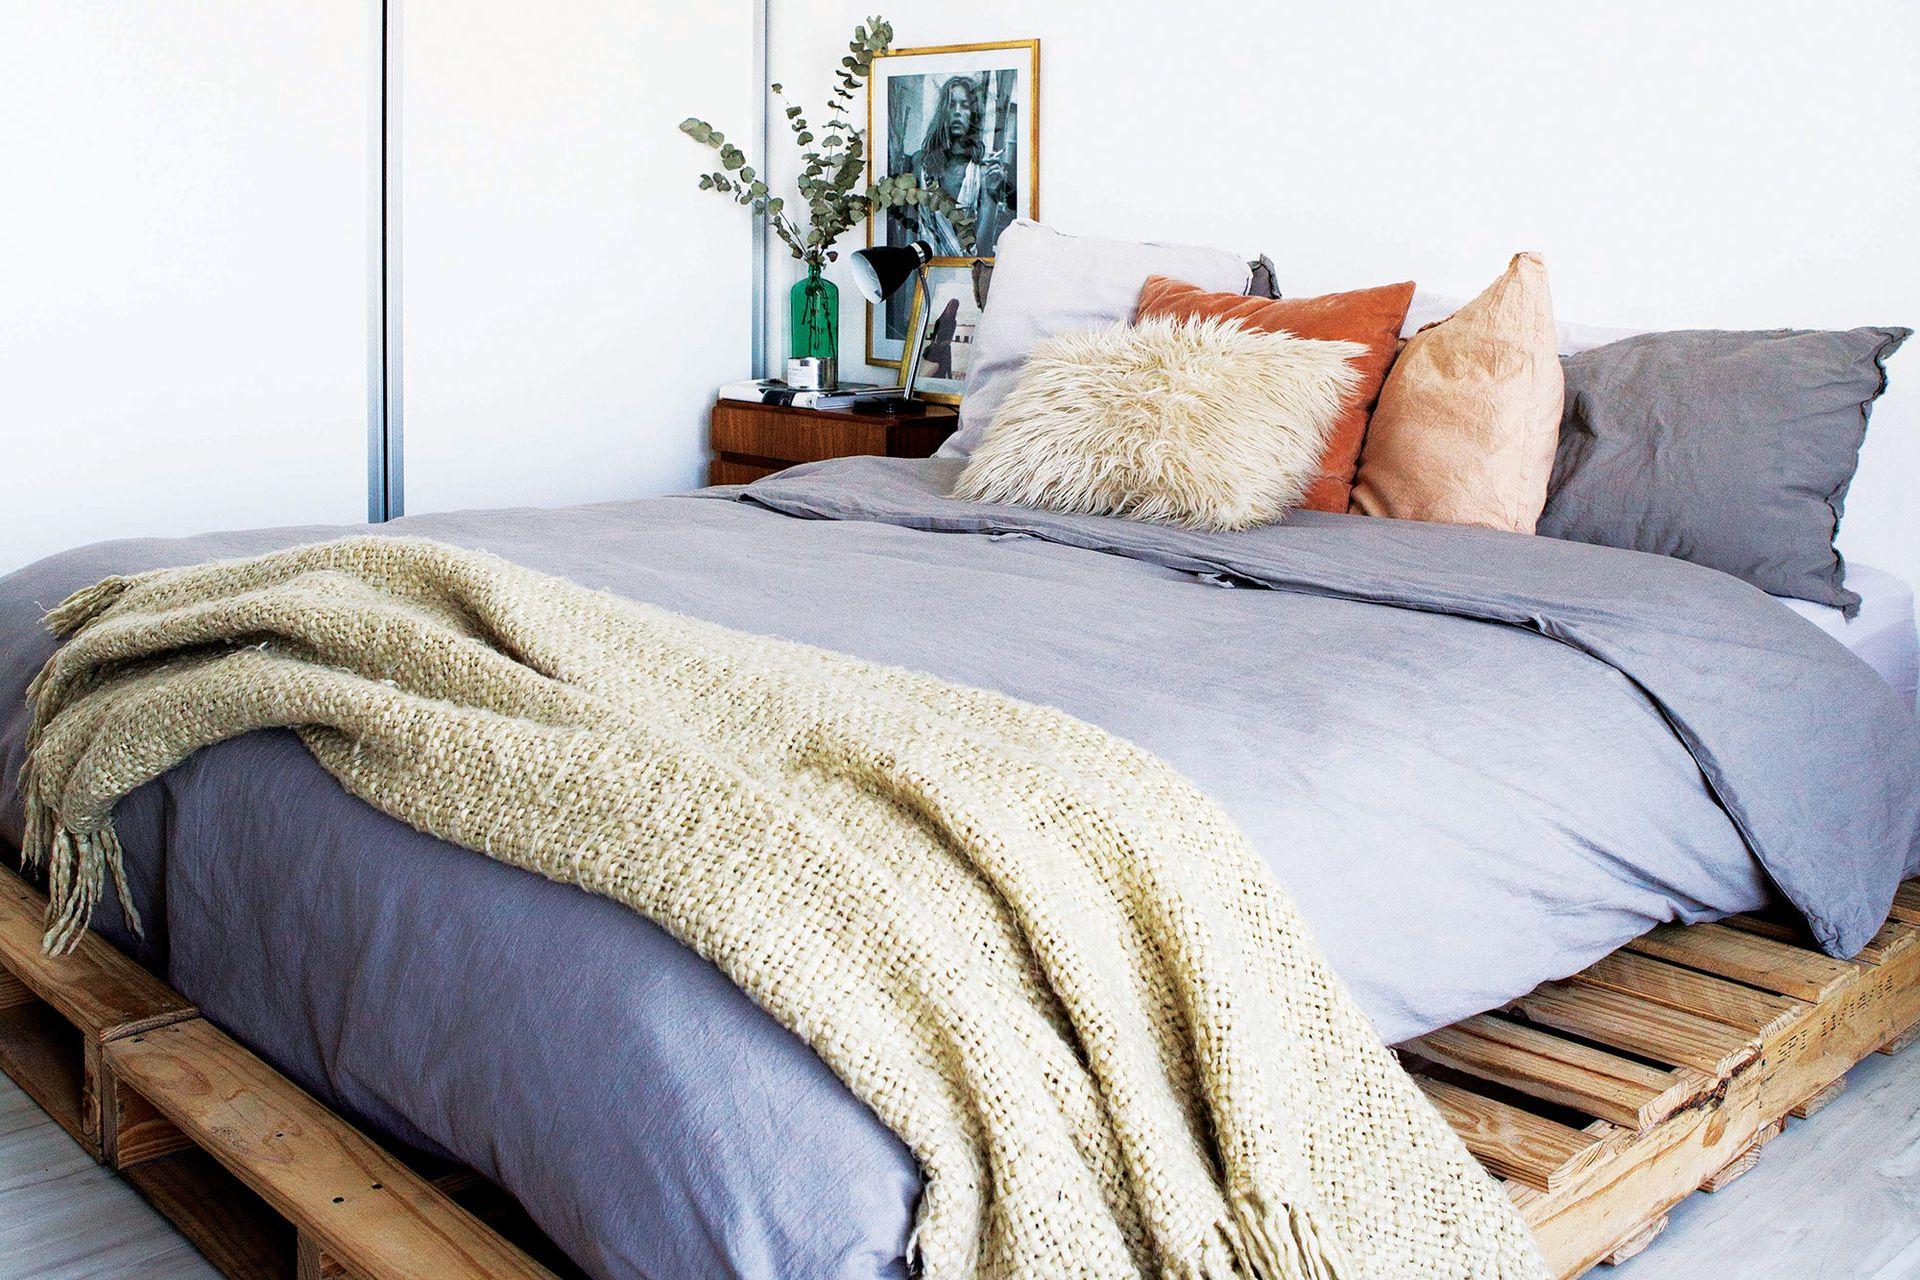 Funda de edredón y almohadones (todo de Philomena Home), manta tejida (Arredo) y mesa de luz (Mercado Libre).